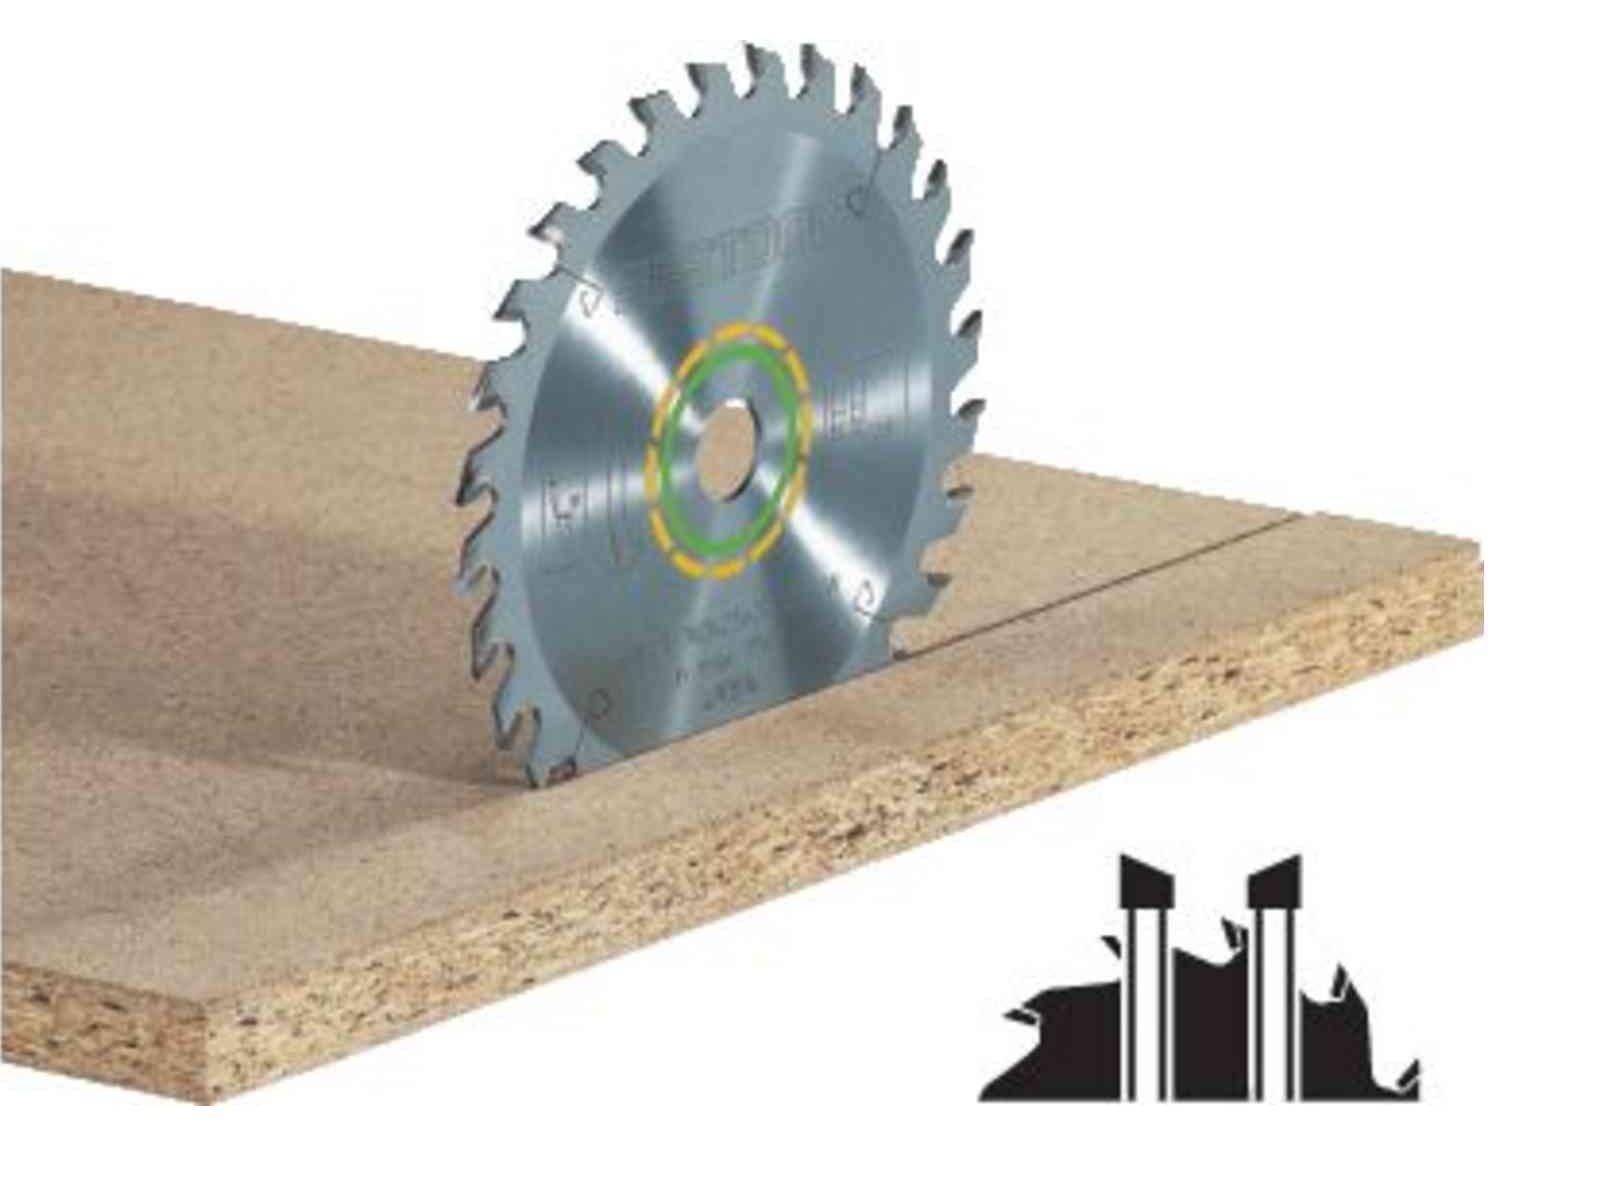 Univerzální pilový kotouč pro pilu Festool TKS 80 (Festool 254x2,4x30 W40) 254x30mm, 40 zubů, kód: 575975